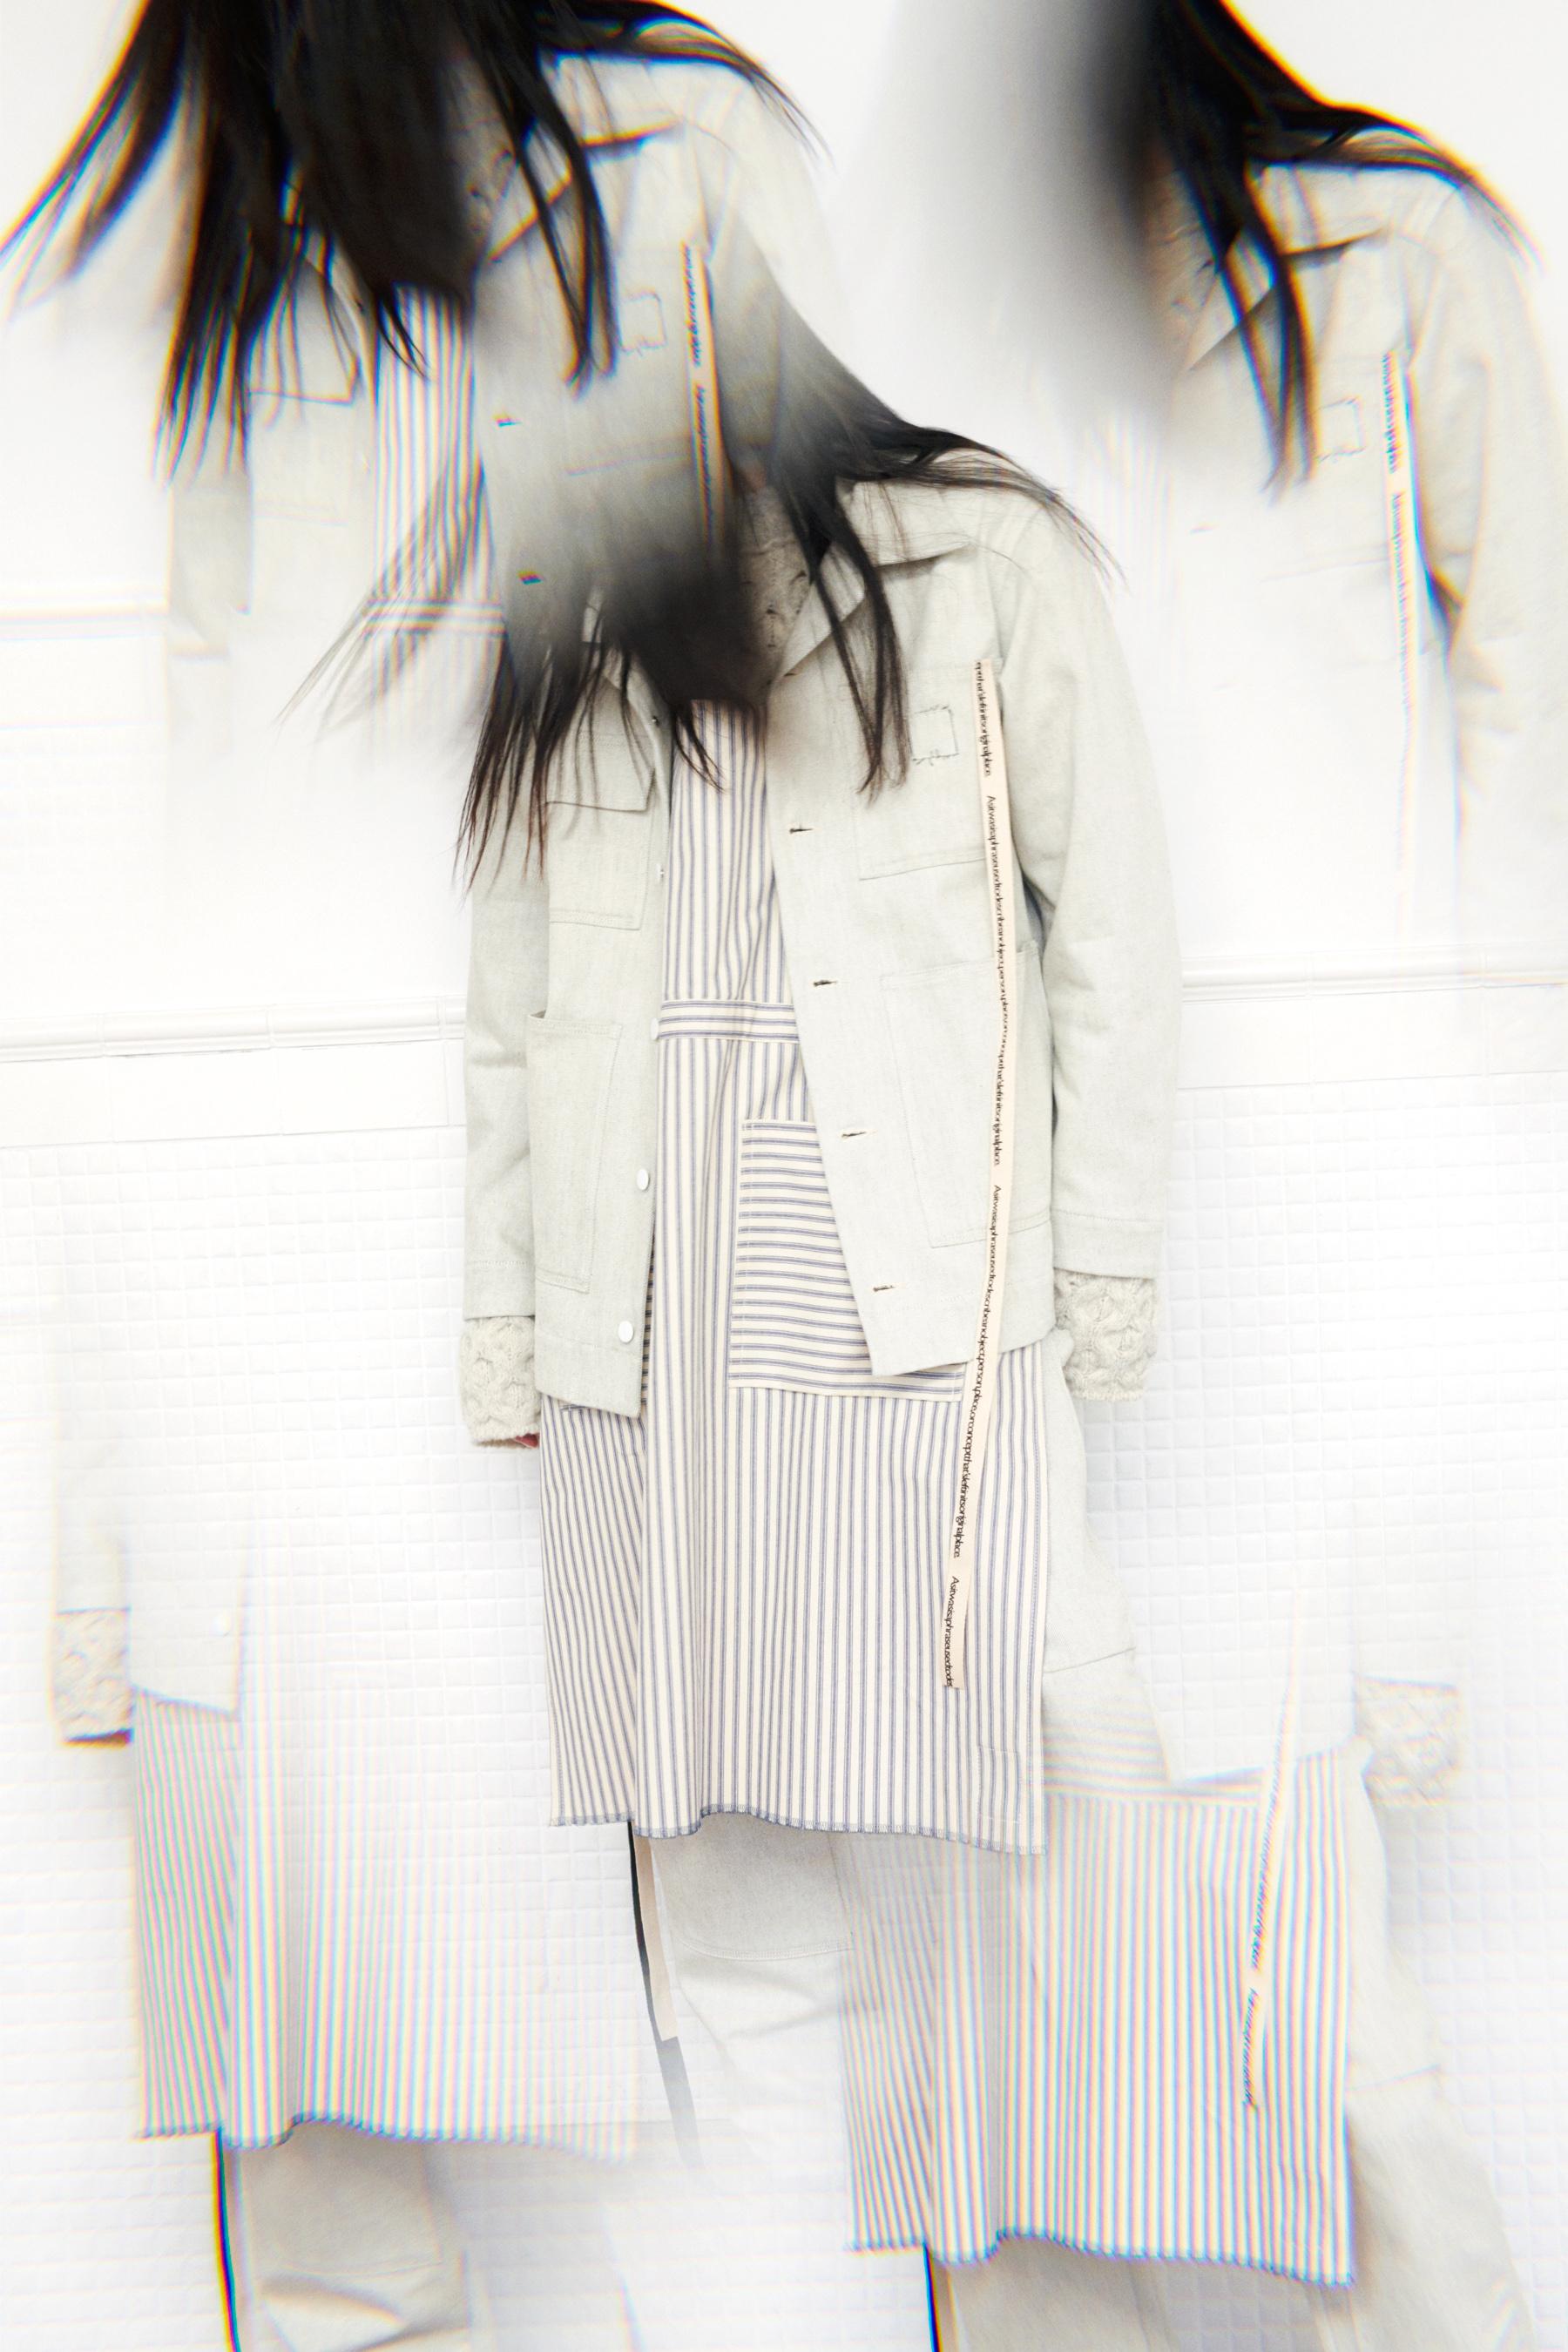 Shinyakozuka Fall 2021 Fashion Show